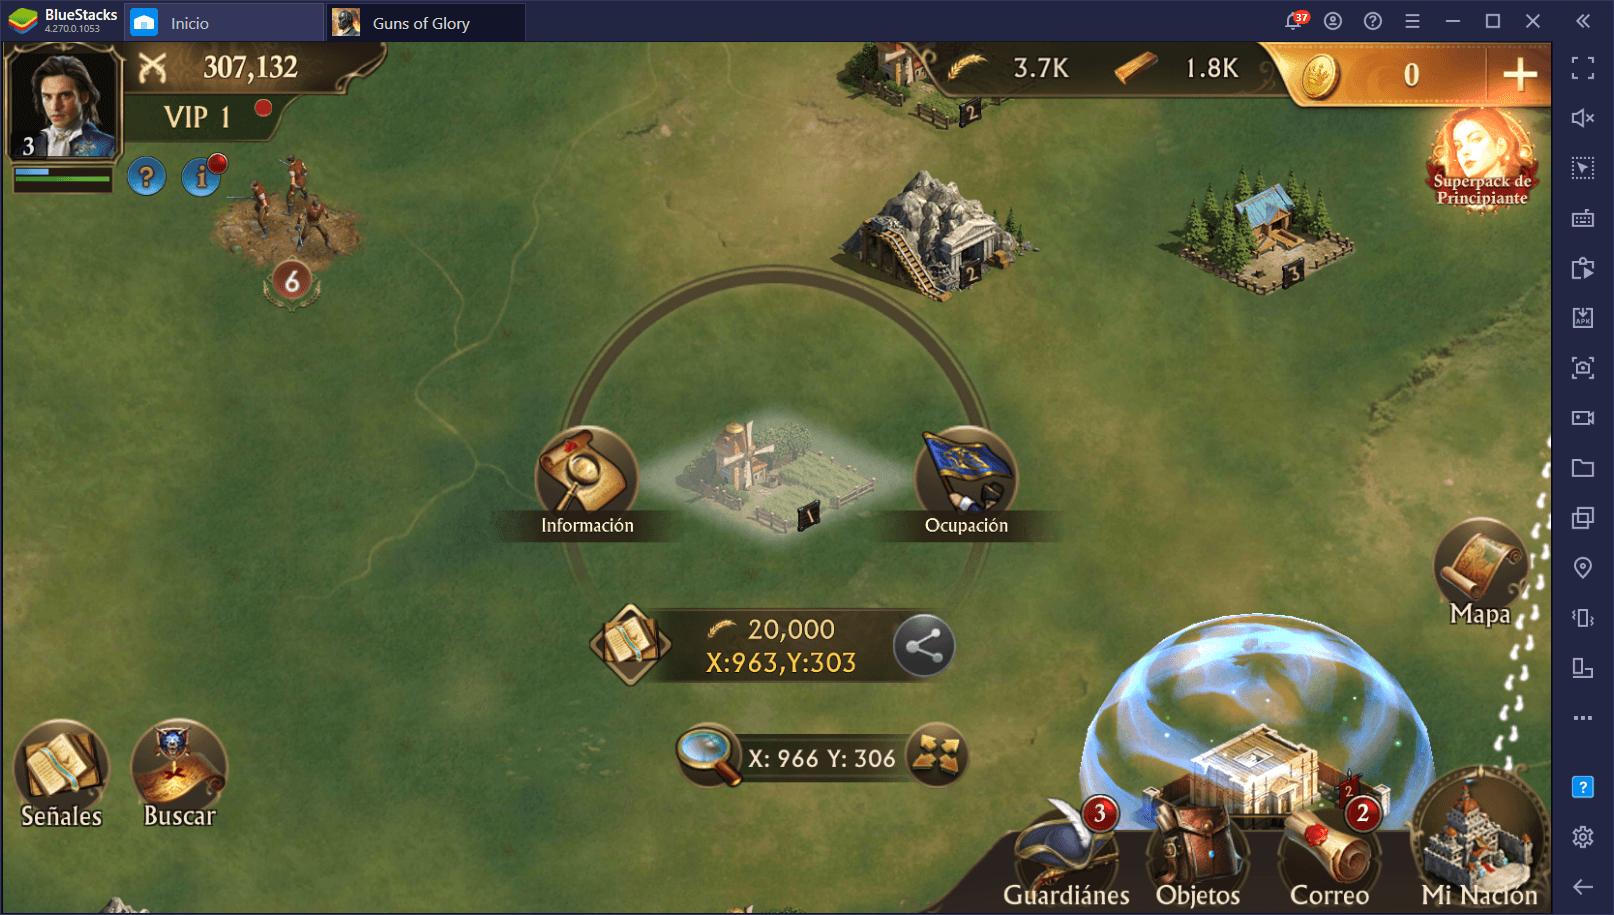 Guns of Glory en PC – Cómo Usar las Herramientas de BlueStacks Para Ganar Todas tus Batallas